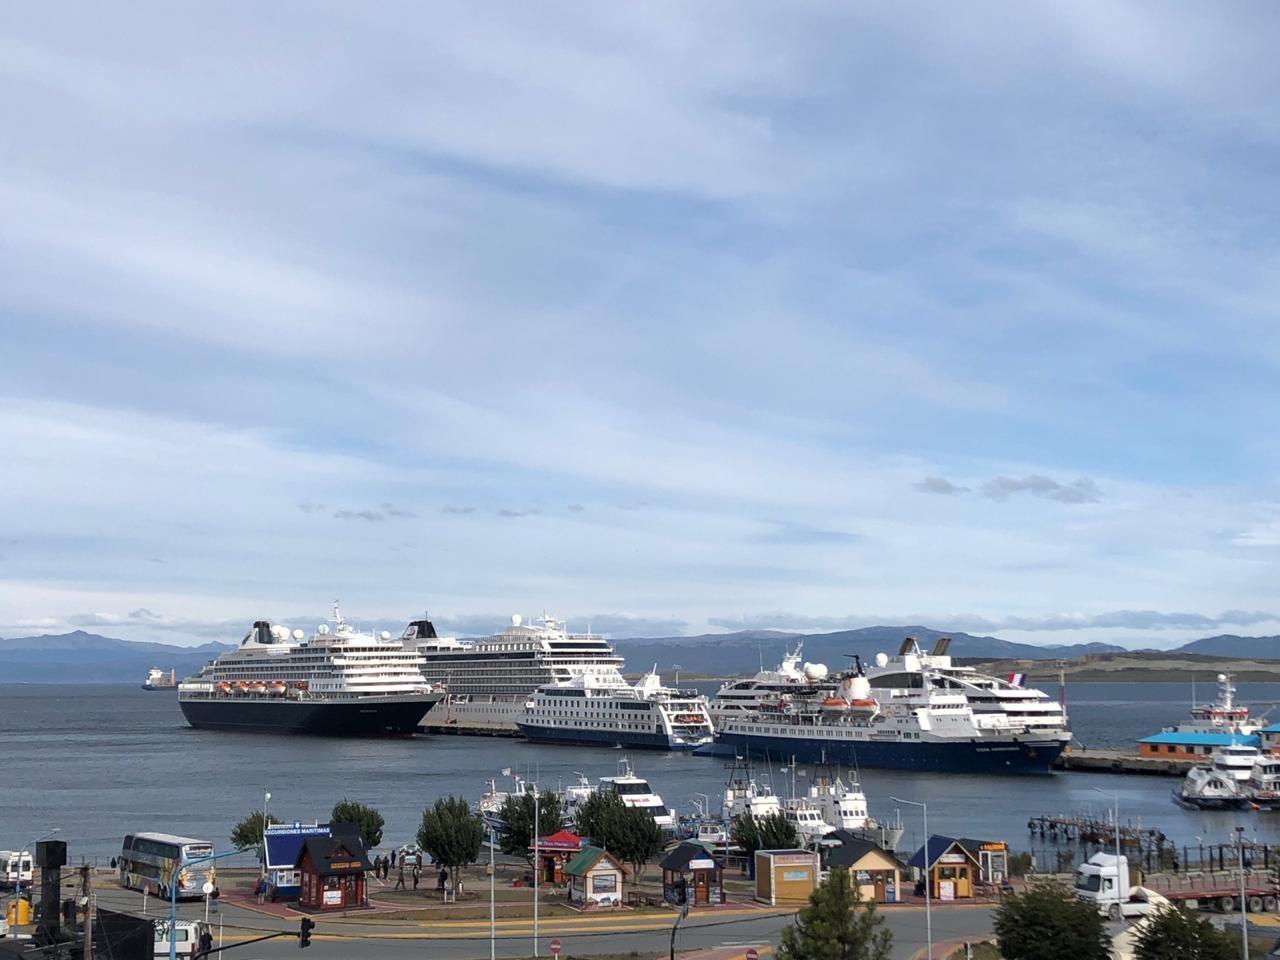 Destinan fondos para la infraestructura del Puerto de Ushuaia y dan rango ministerial a la Dirección Provincial de Puertos